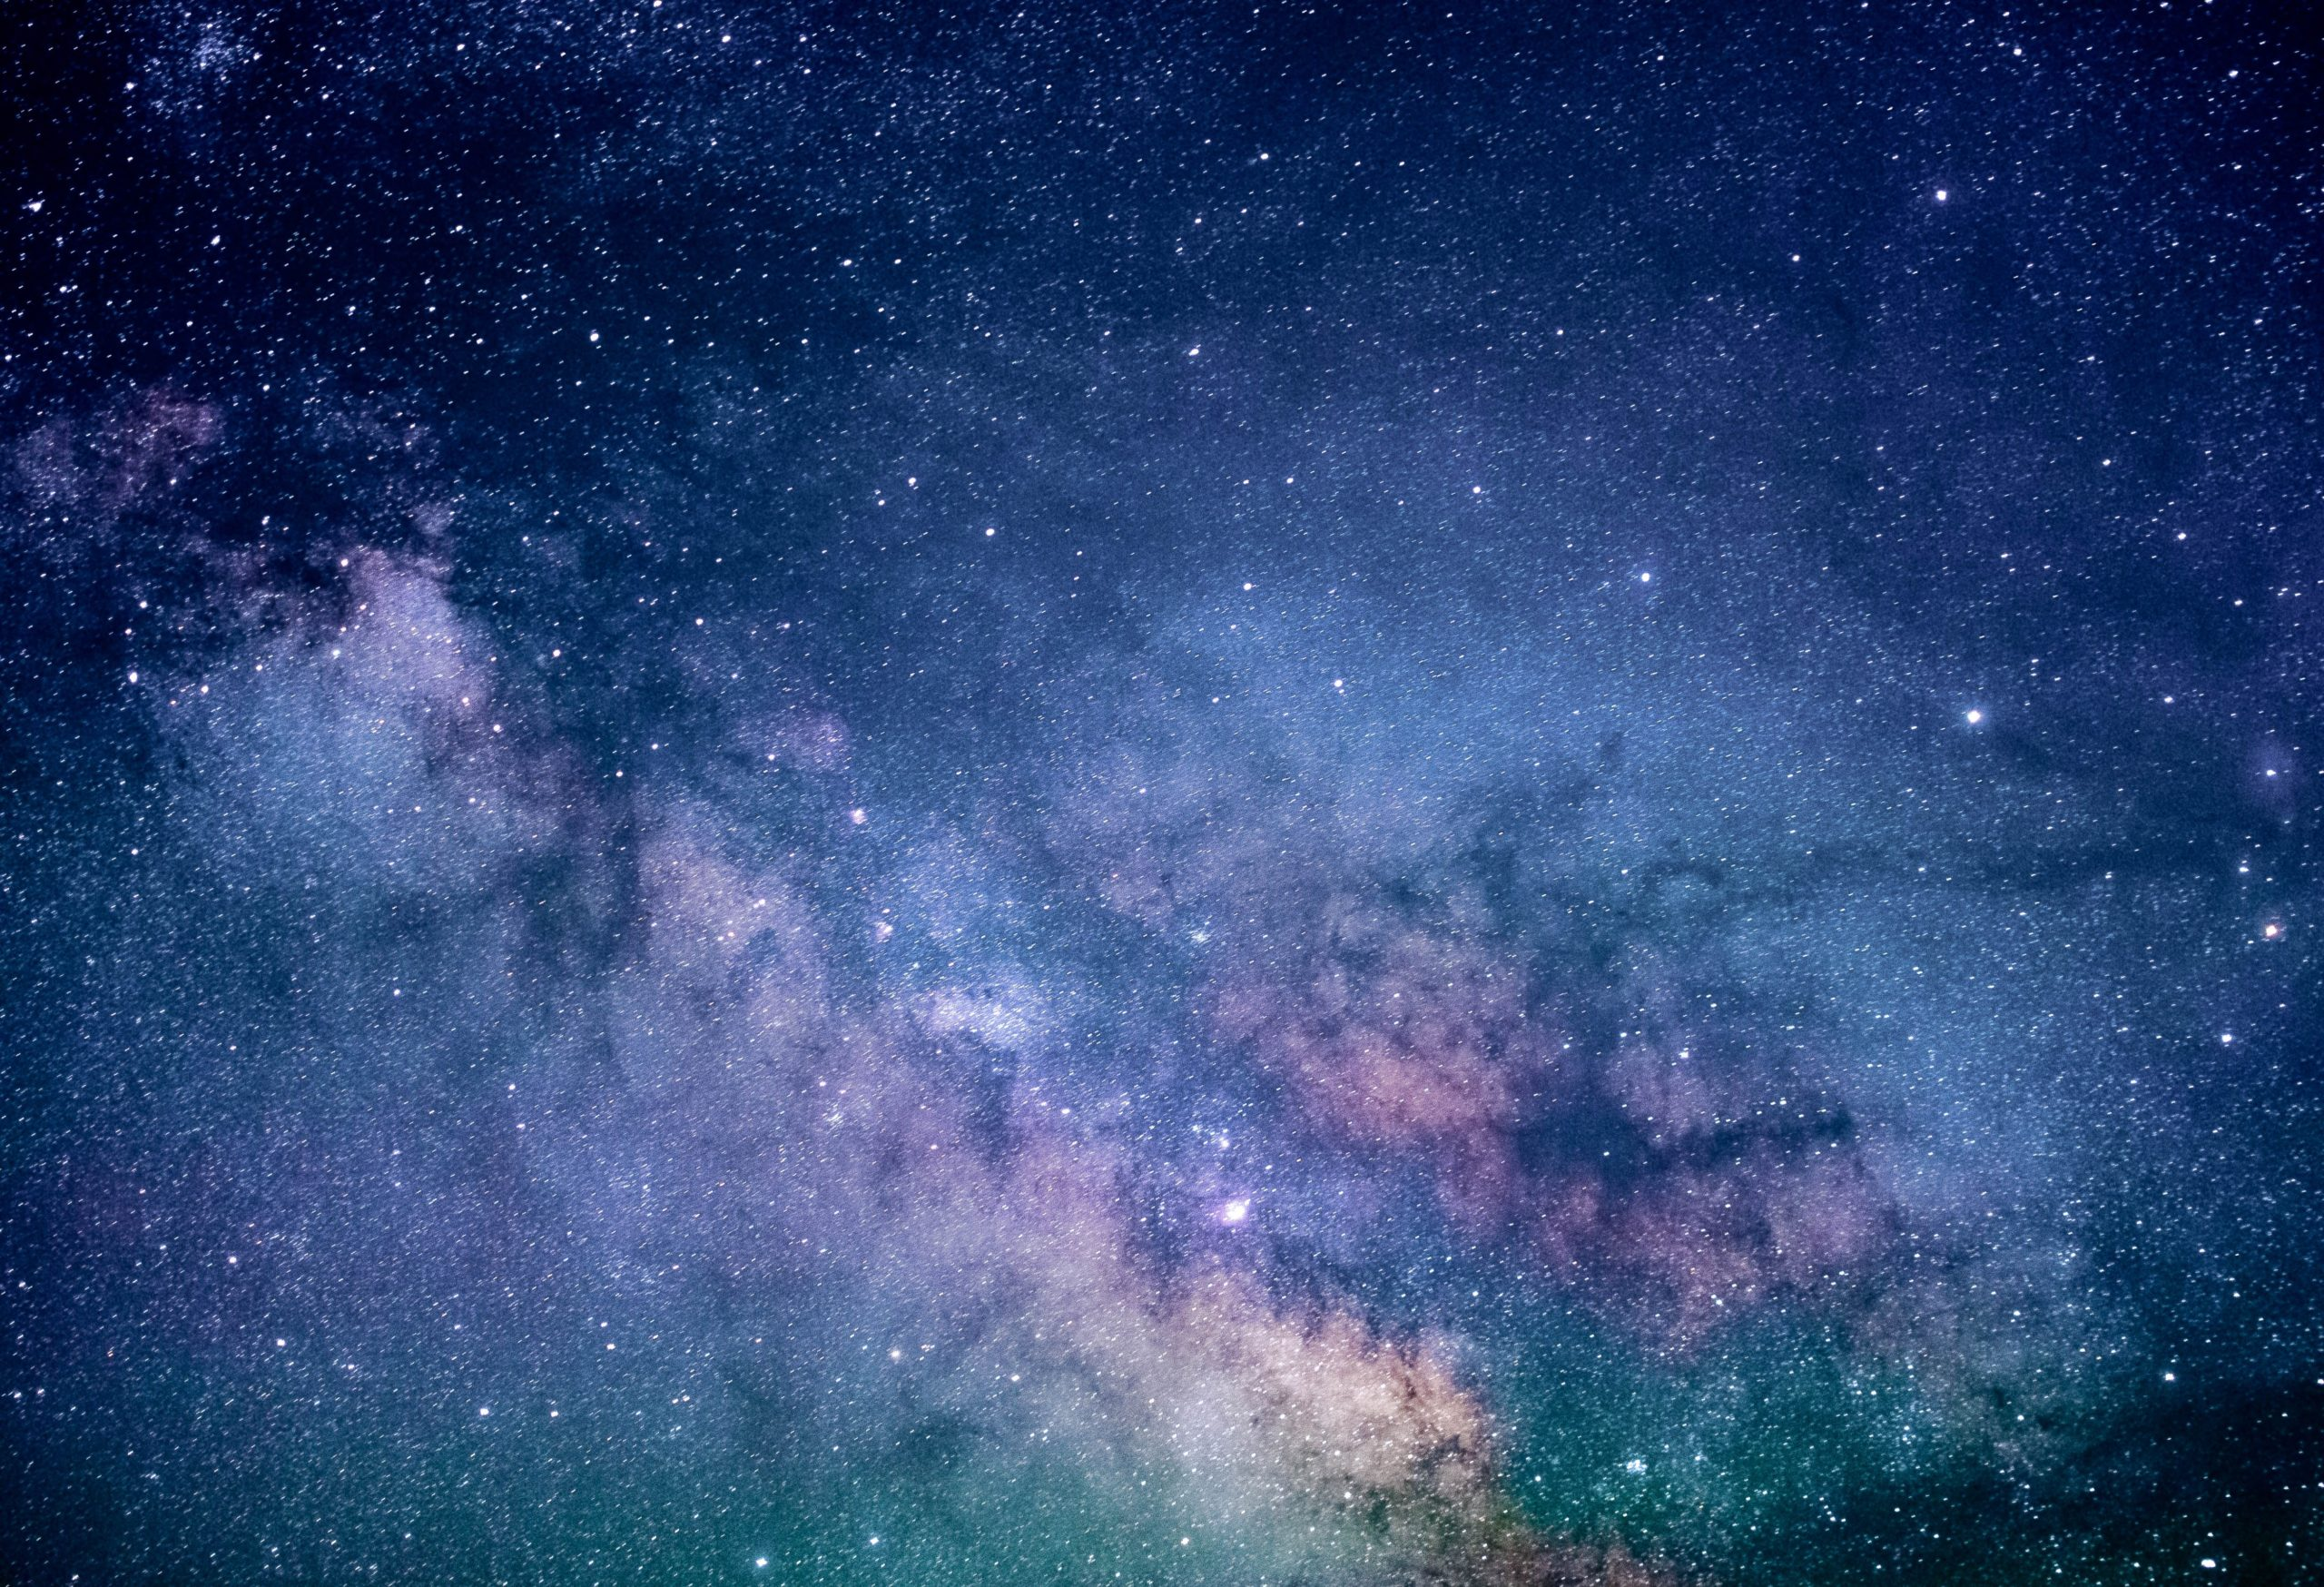 Descubren señales de estrellas que podrían tener planetas ocultos